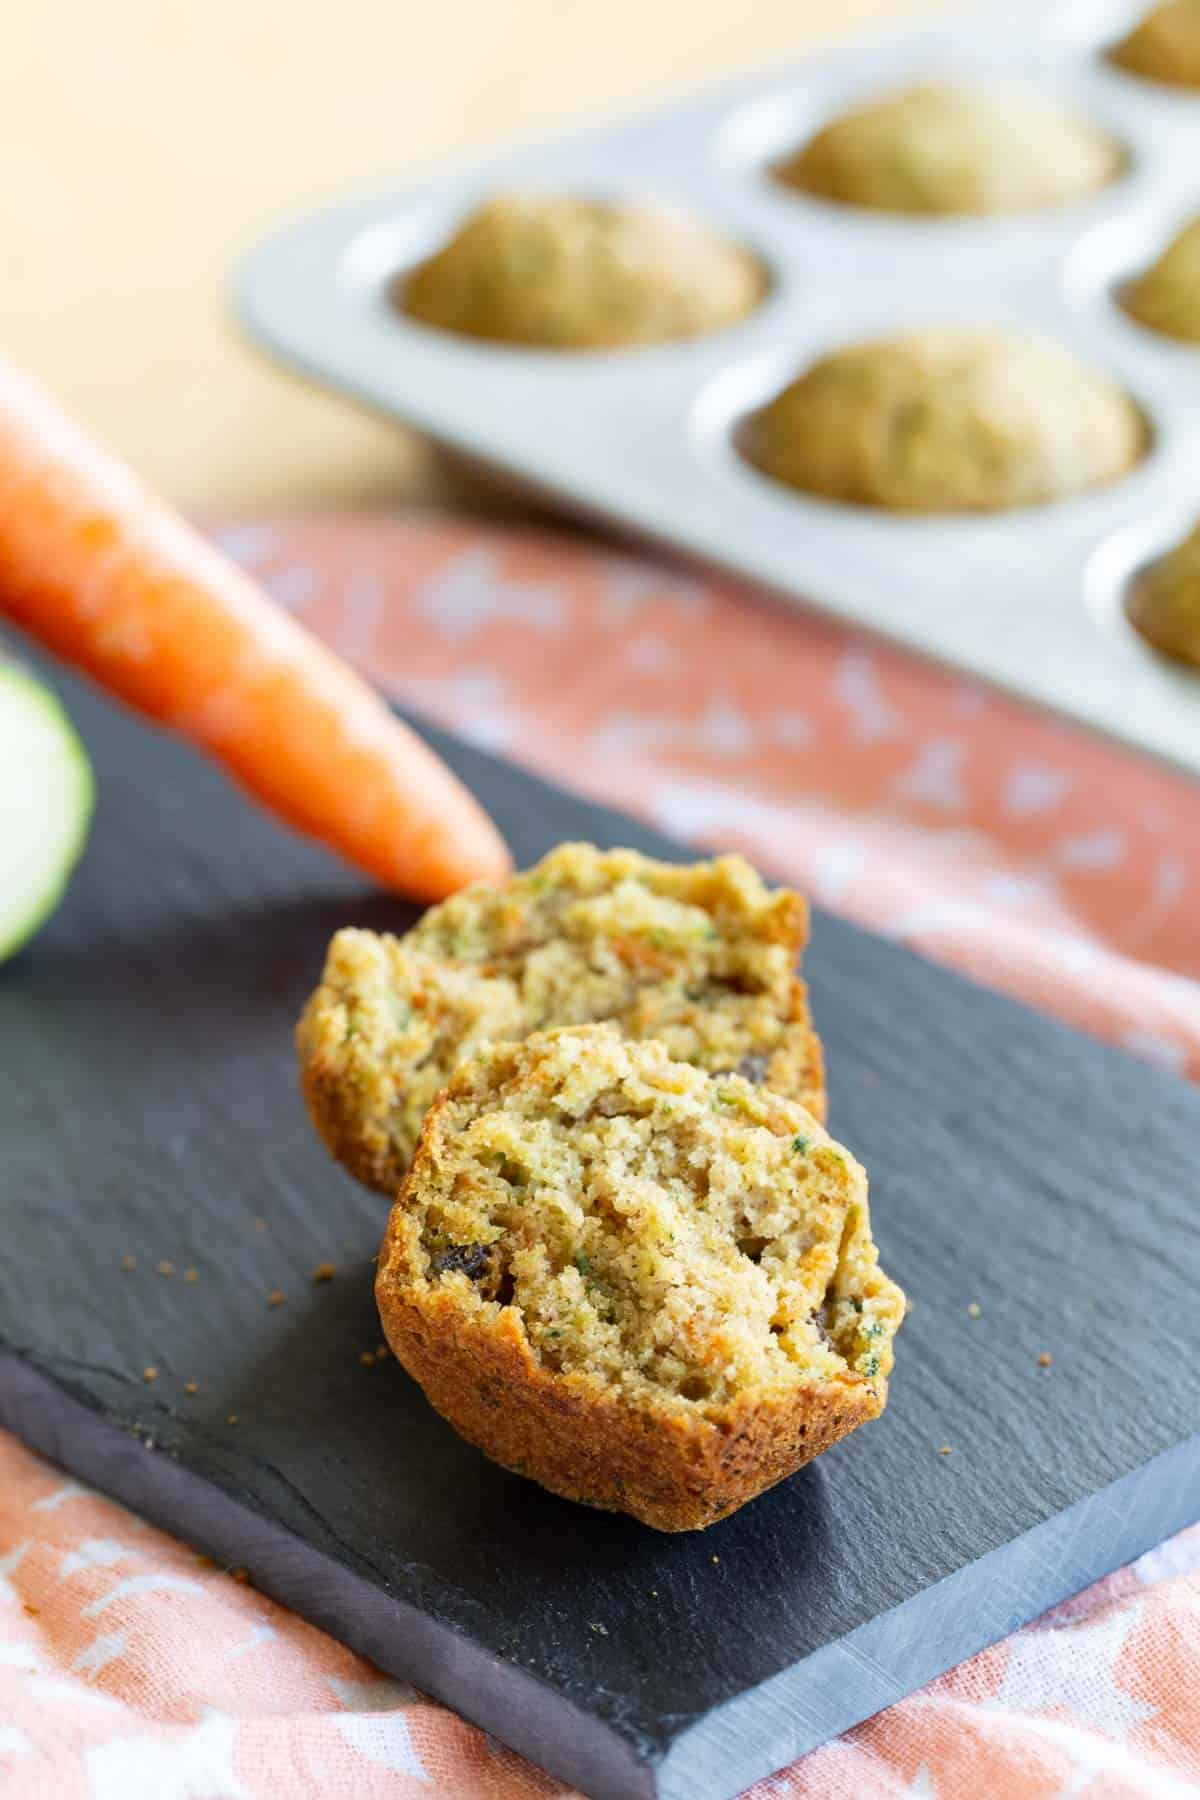 one gluten free mini muffin broken in half on a slate platter